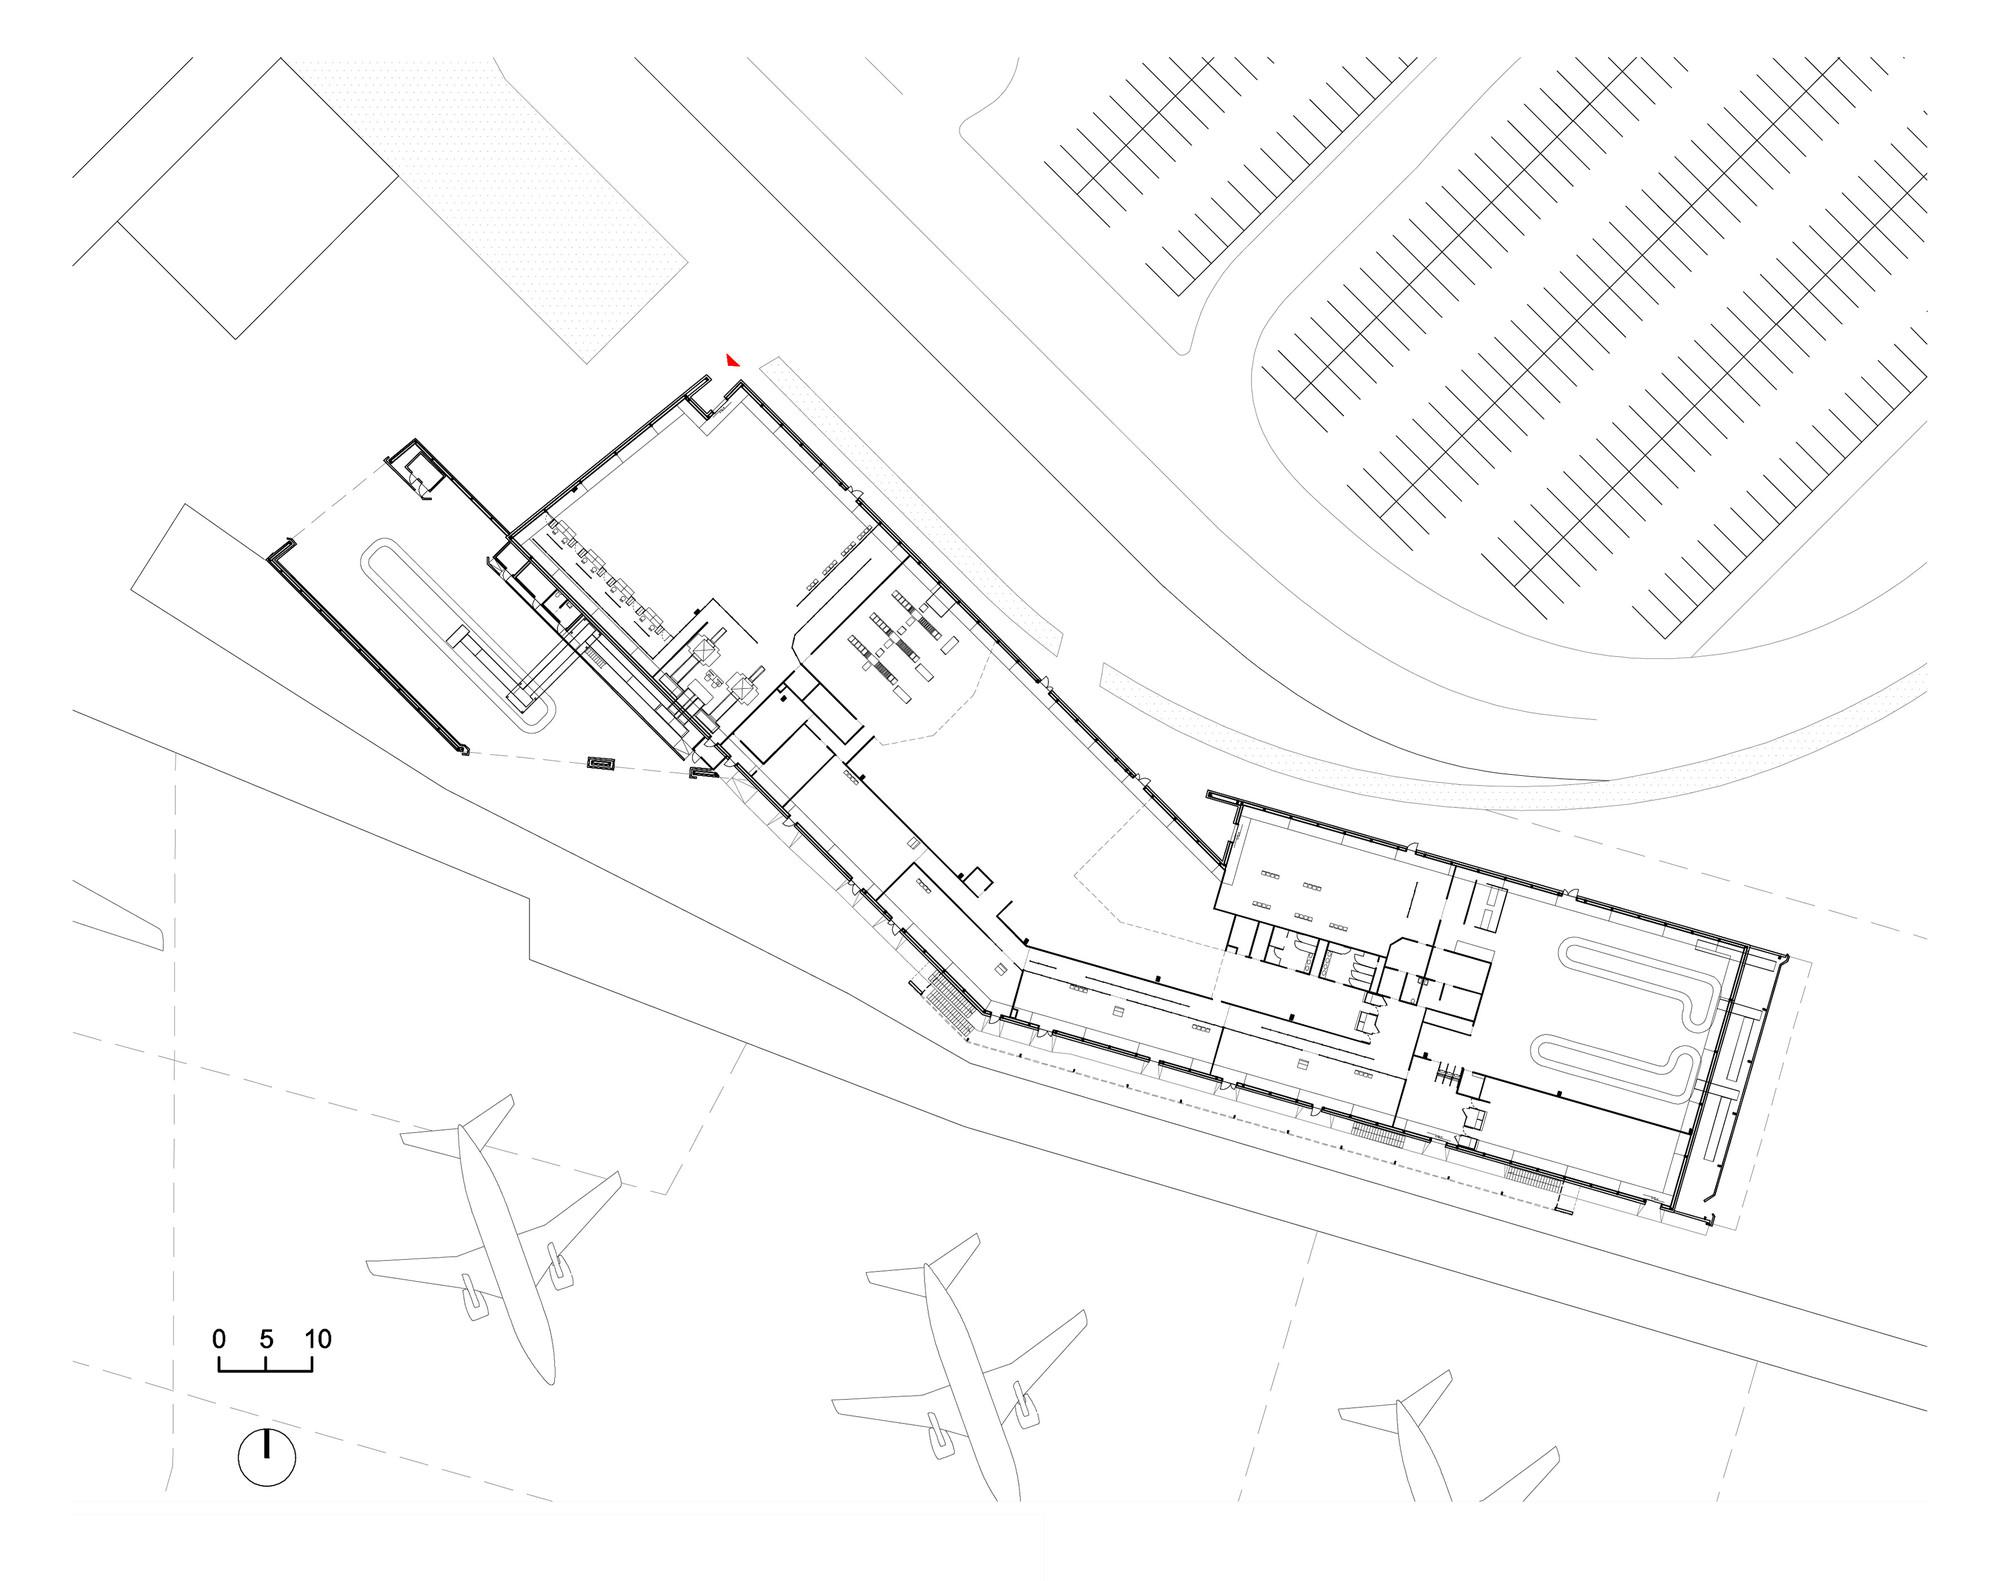 2000x1581 Gallery Of Lowcost Airport In Bordeaux Marjan Hessamfar Amp Joe